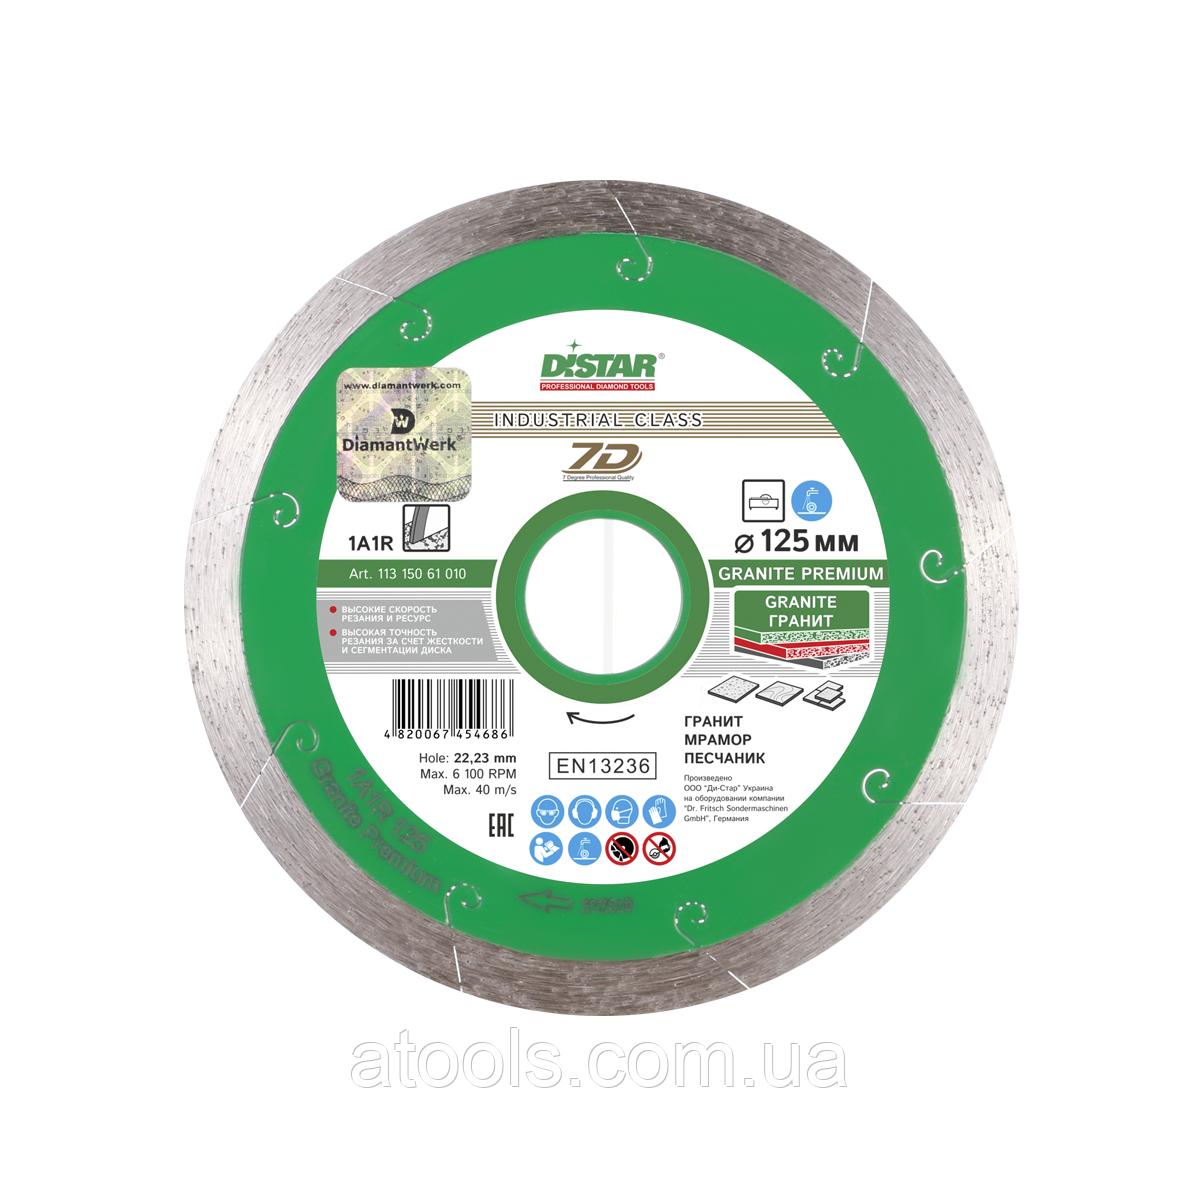 Алмазный отрезной диск Distar Granite Premium 1A1R 125x1.5x8x22.23 (11315061010)